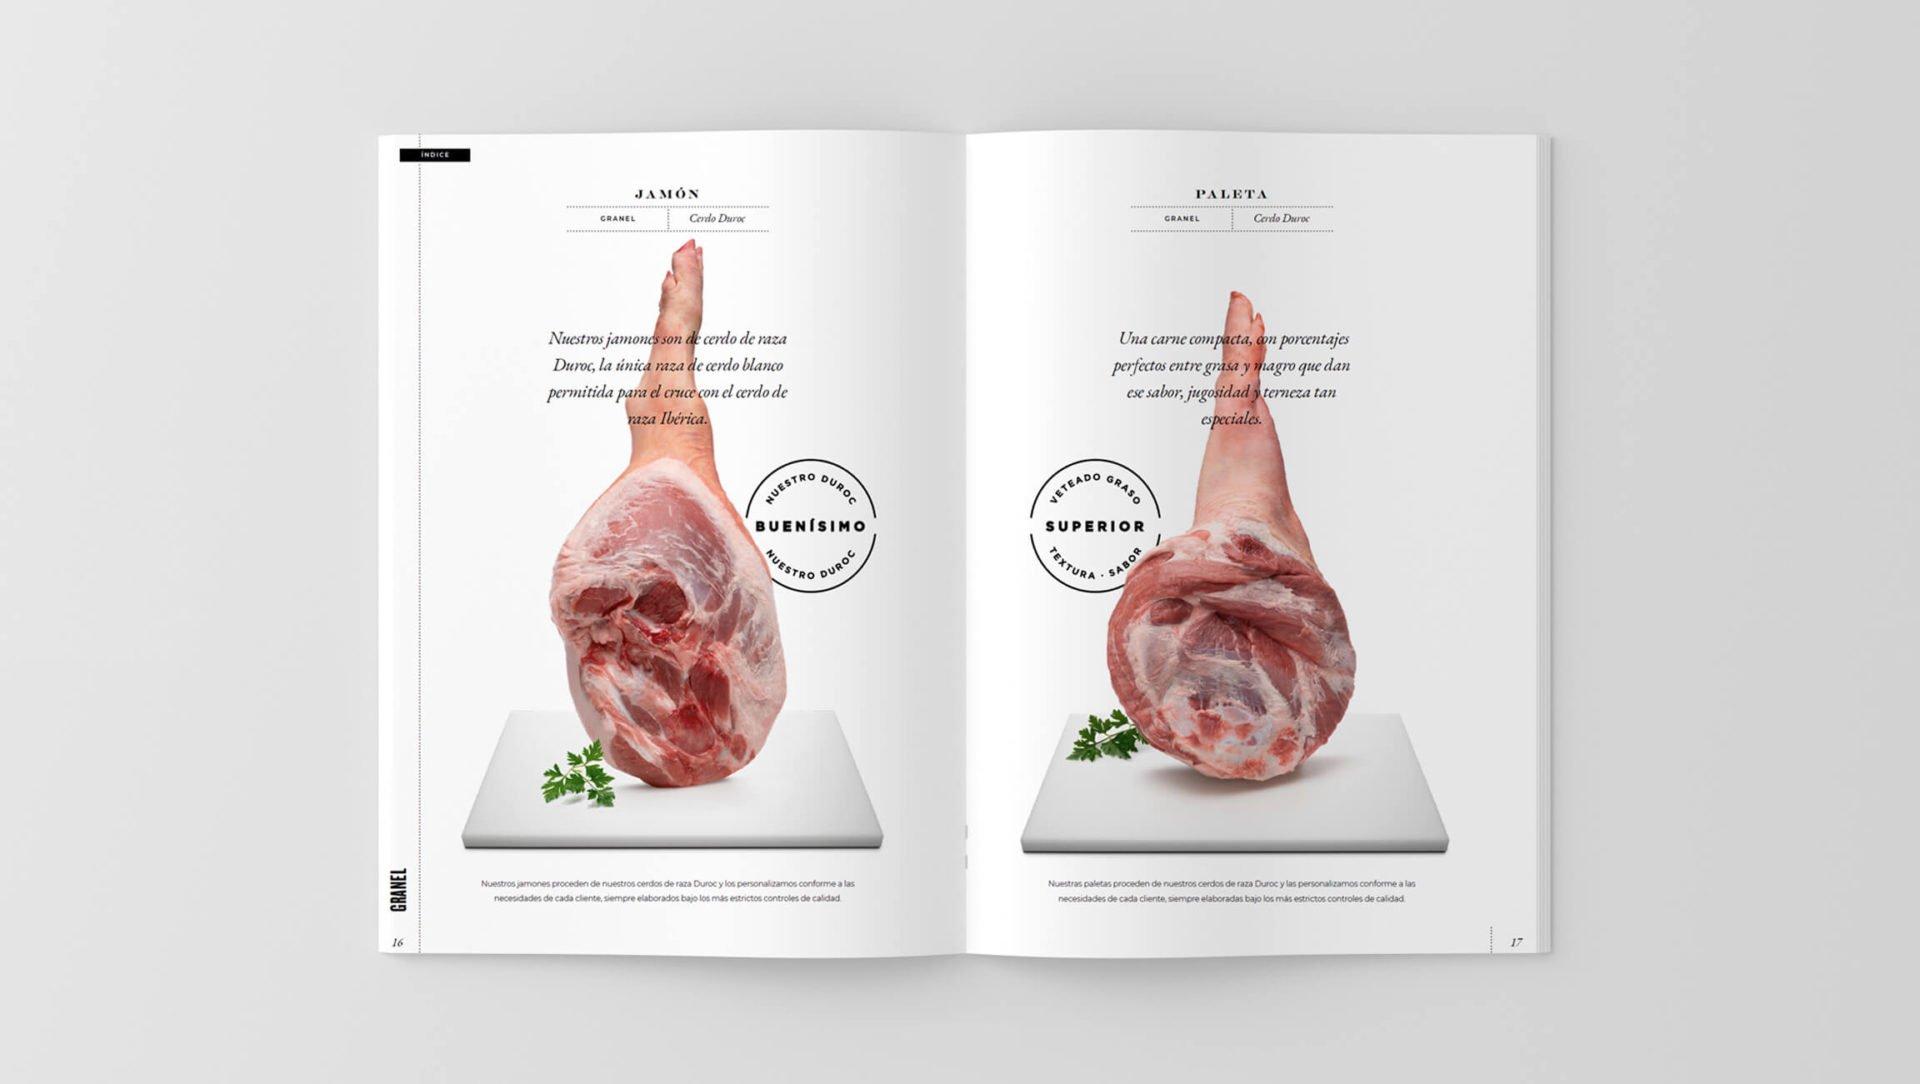 diseño-catalogo-carne-cerdo-duroc-alejandro-miguel-03